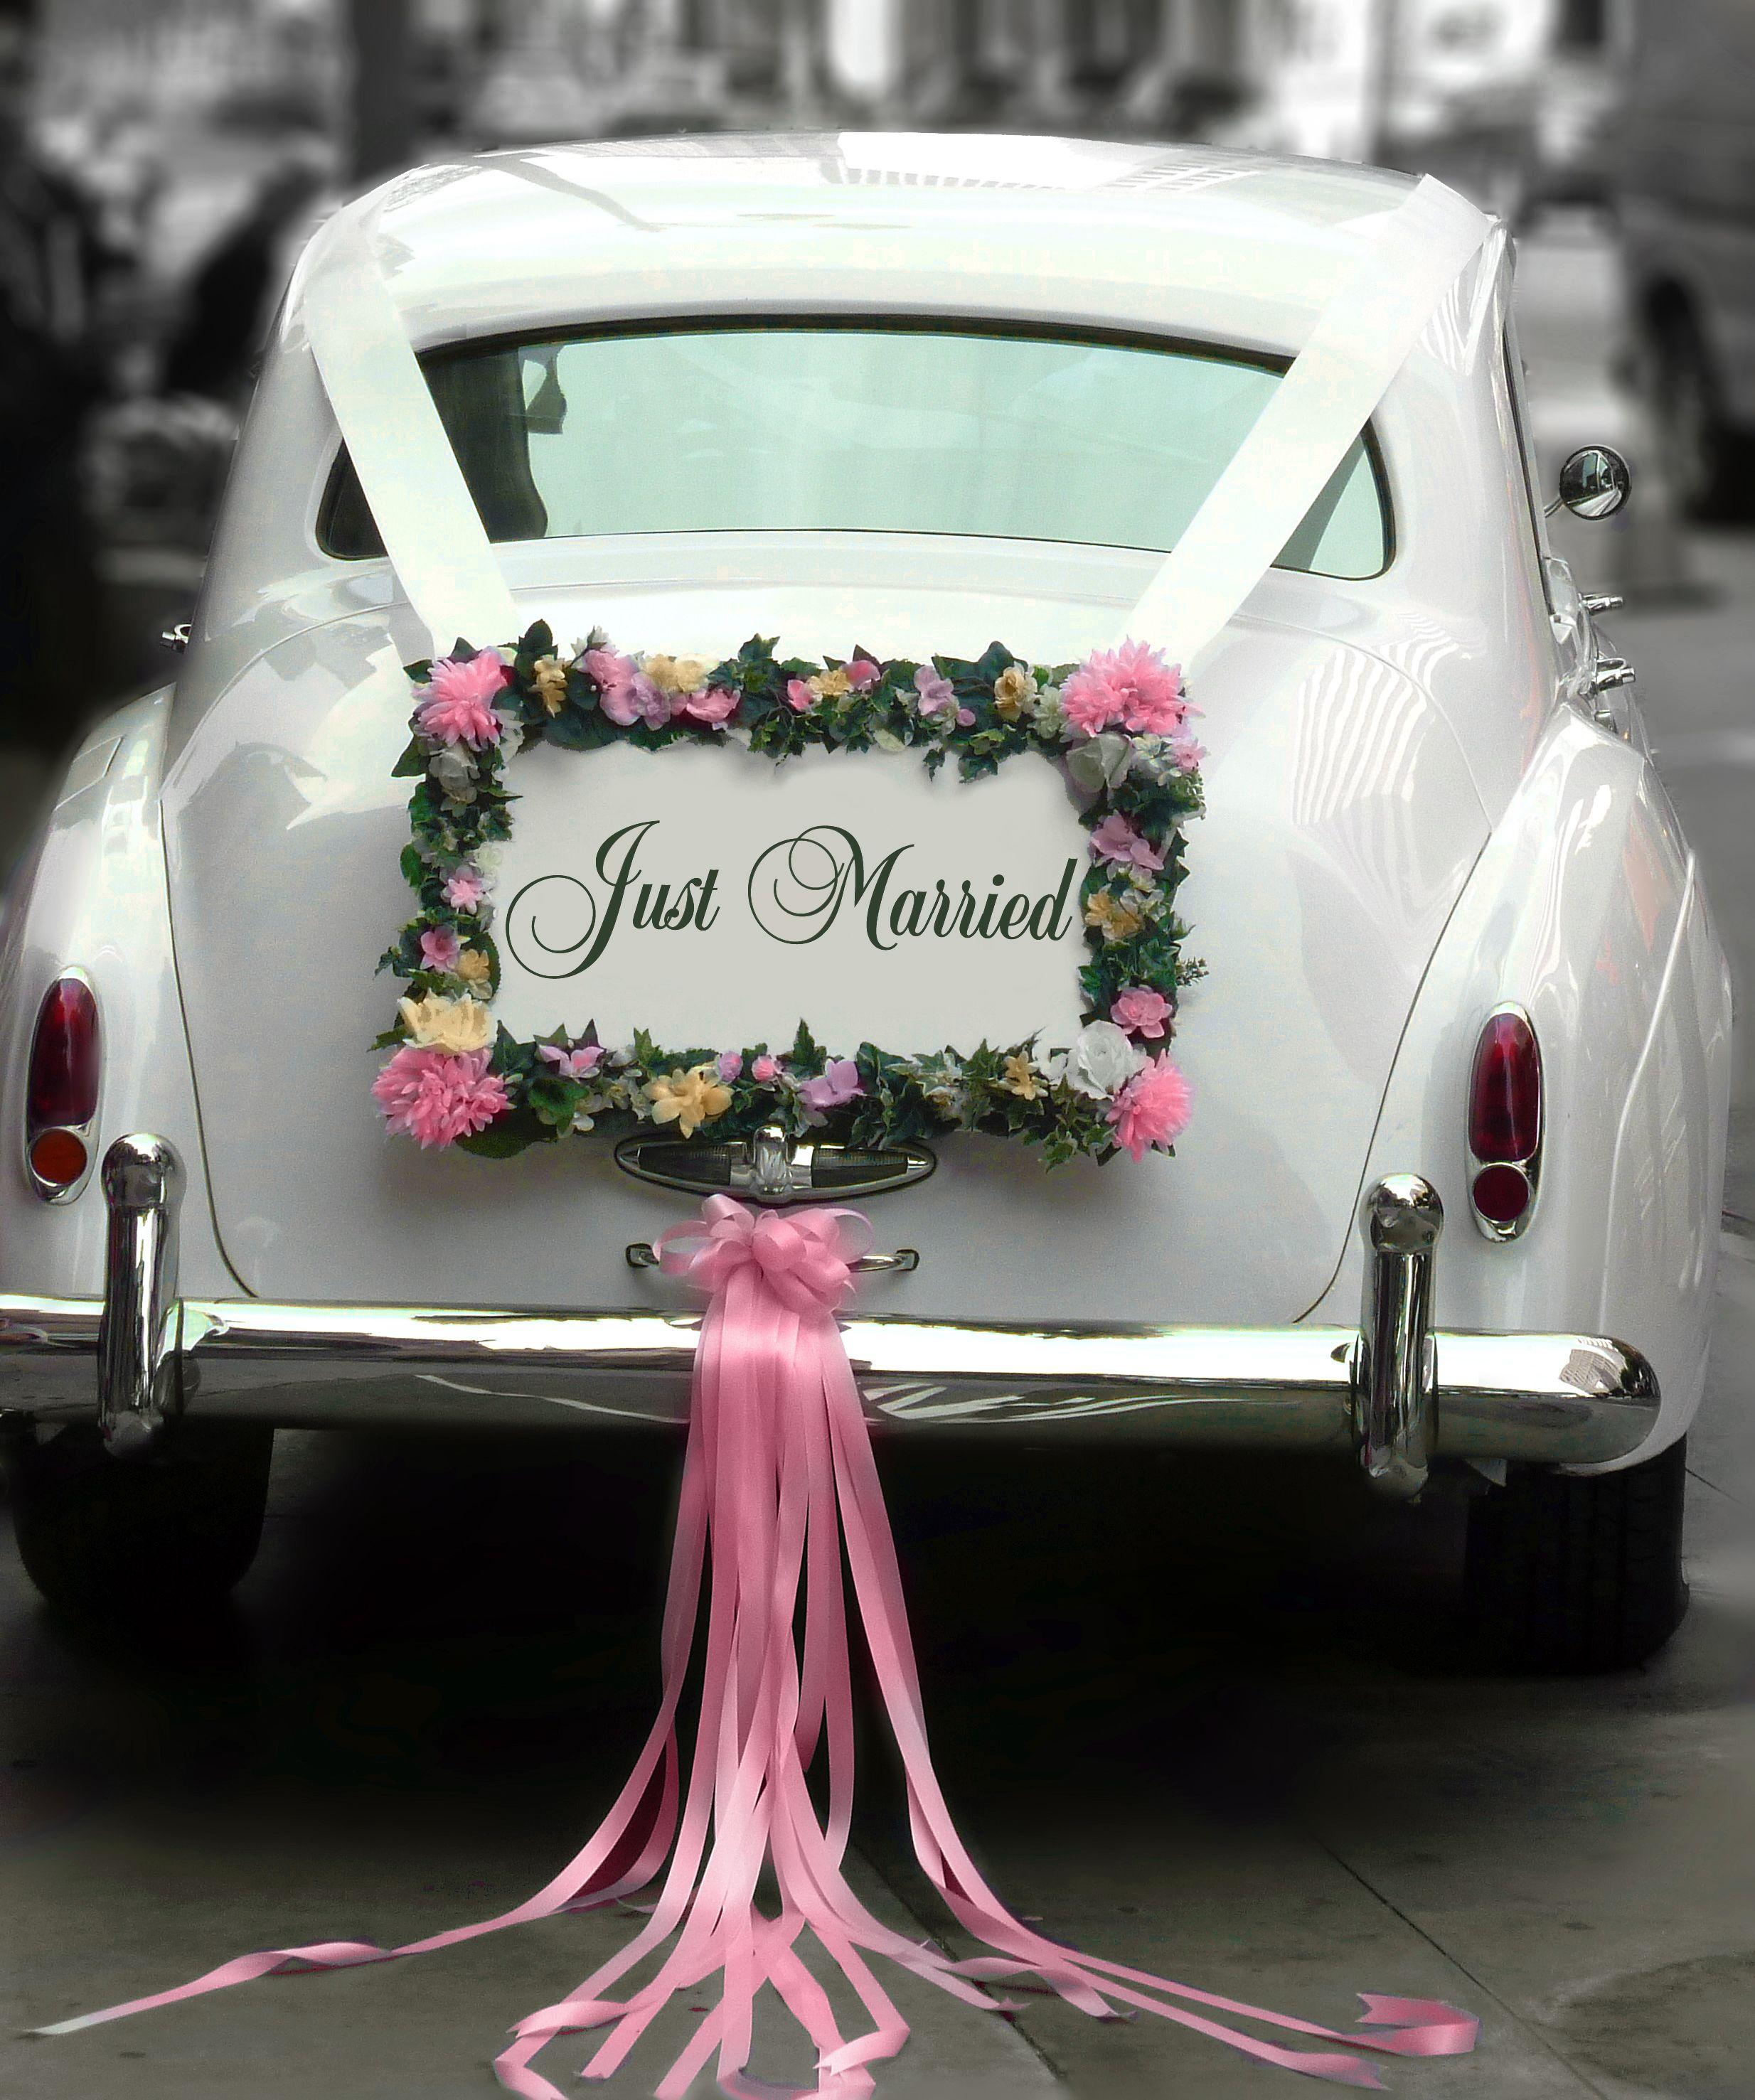 Our 1962 white vintage Rolls Royce LWB wedding getaway car